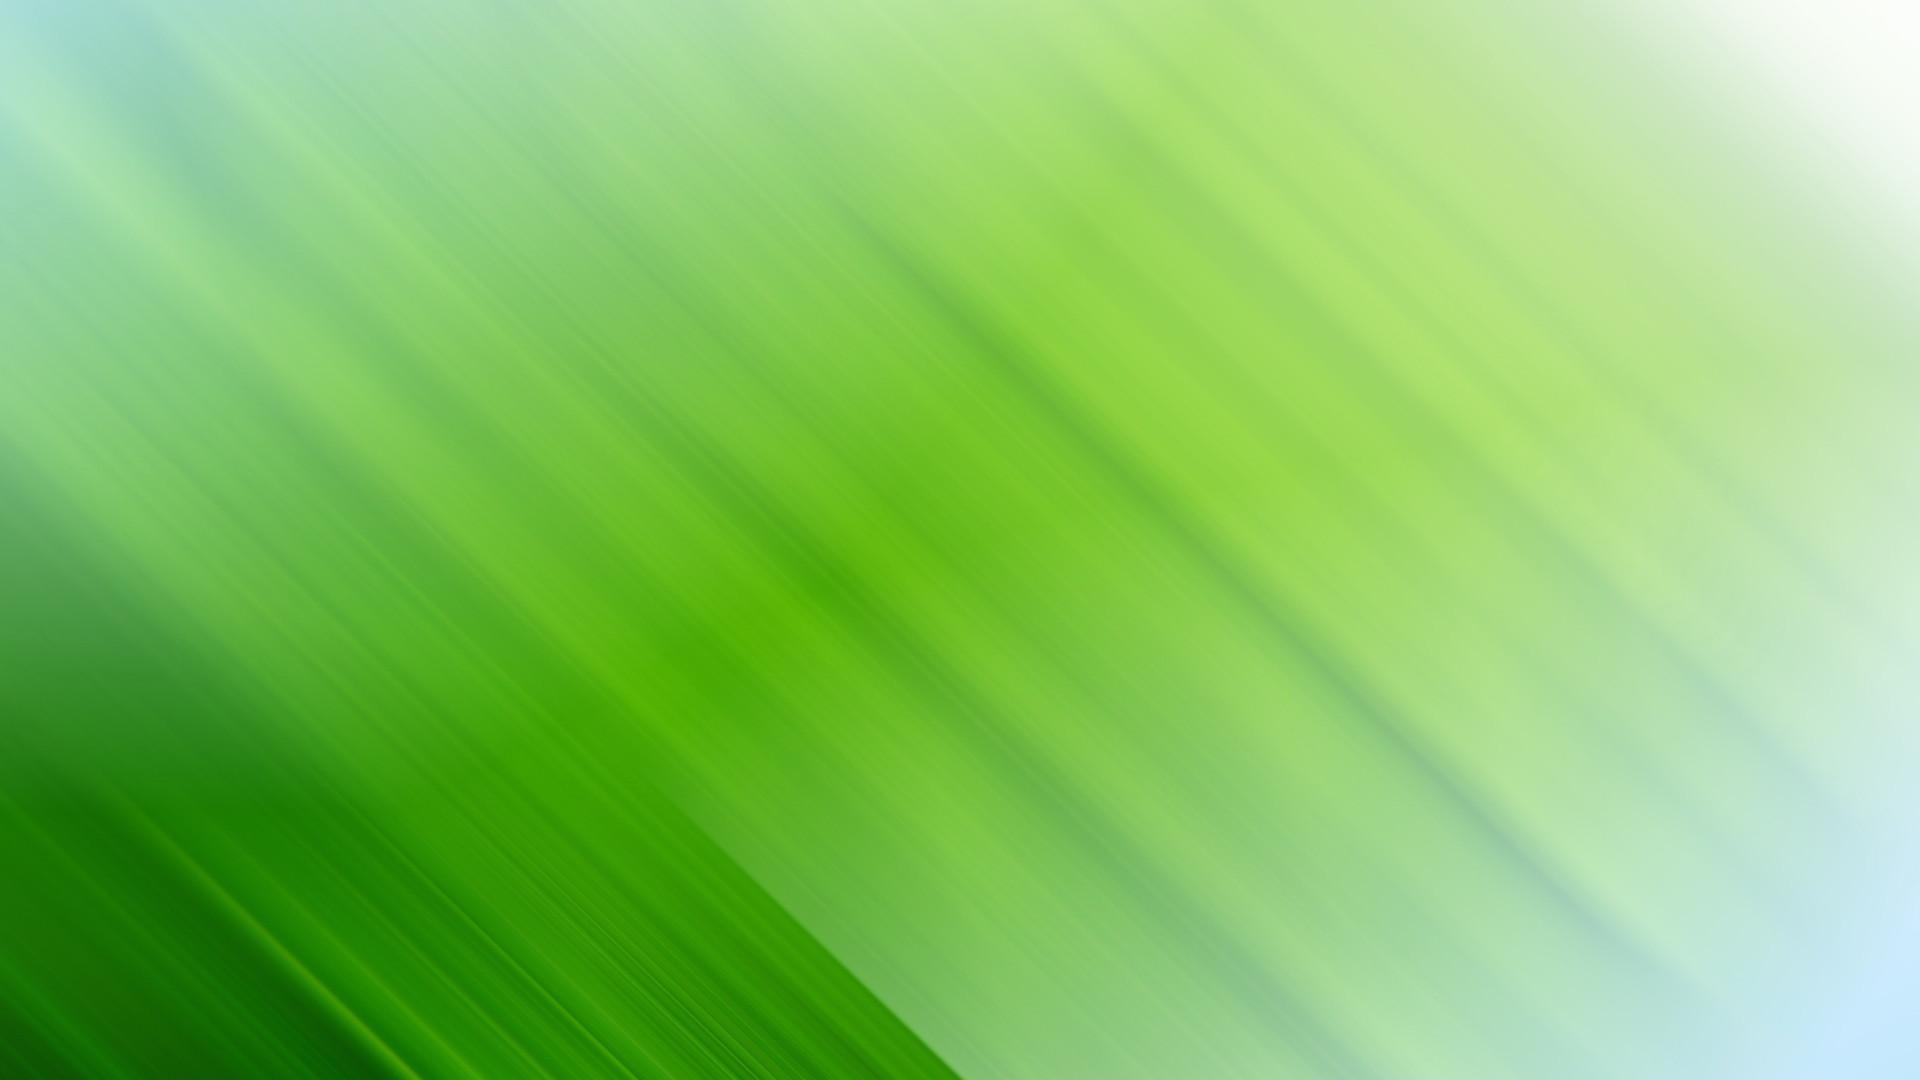 绿色蝈蝈优秀教材课件PPT:这是一个关于绿色蝈蝈优秀教材课件PPT,主要是了解作者简介,理解课文的主要内容,掌握本课的生字词,理解词语,读准字词,回答课后的问答题,欢迎点击下载绿色蝈蝈优秀教材课件PPT哦。这本书不仅是一部研究昆虫的科学巨著,同时也是一部讴歌生命的宏伟诗篇,法布尔也由此获得了科学诗人、昆虫荷马、昆虫世界的维吉尔等桂冠。